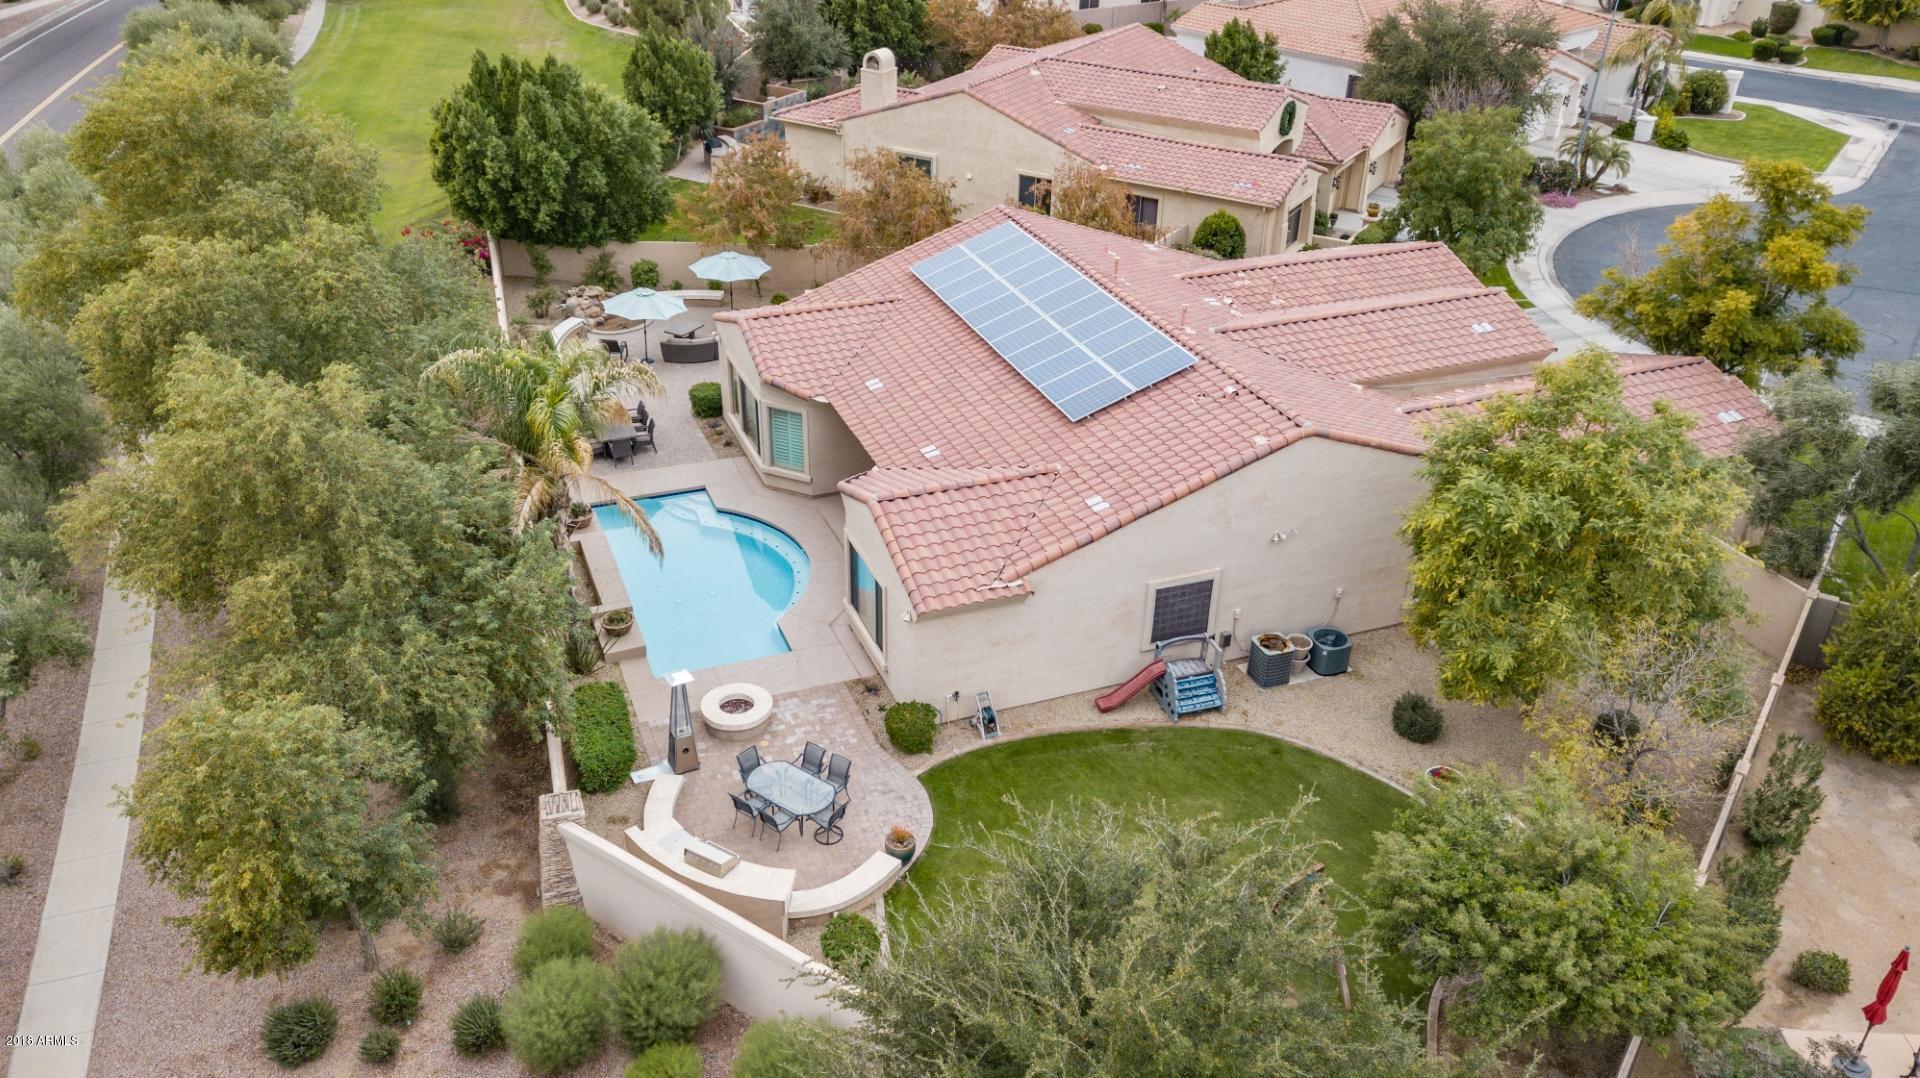 MLS 5854897 4600 S VERBENIA Court, Chandler, AZ 85248 Chandler AZ Ocotillo